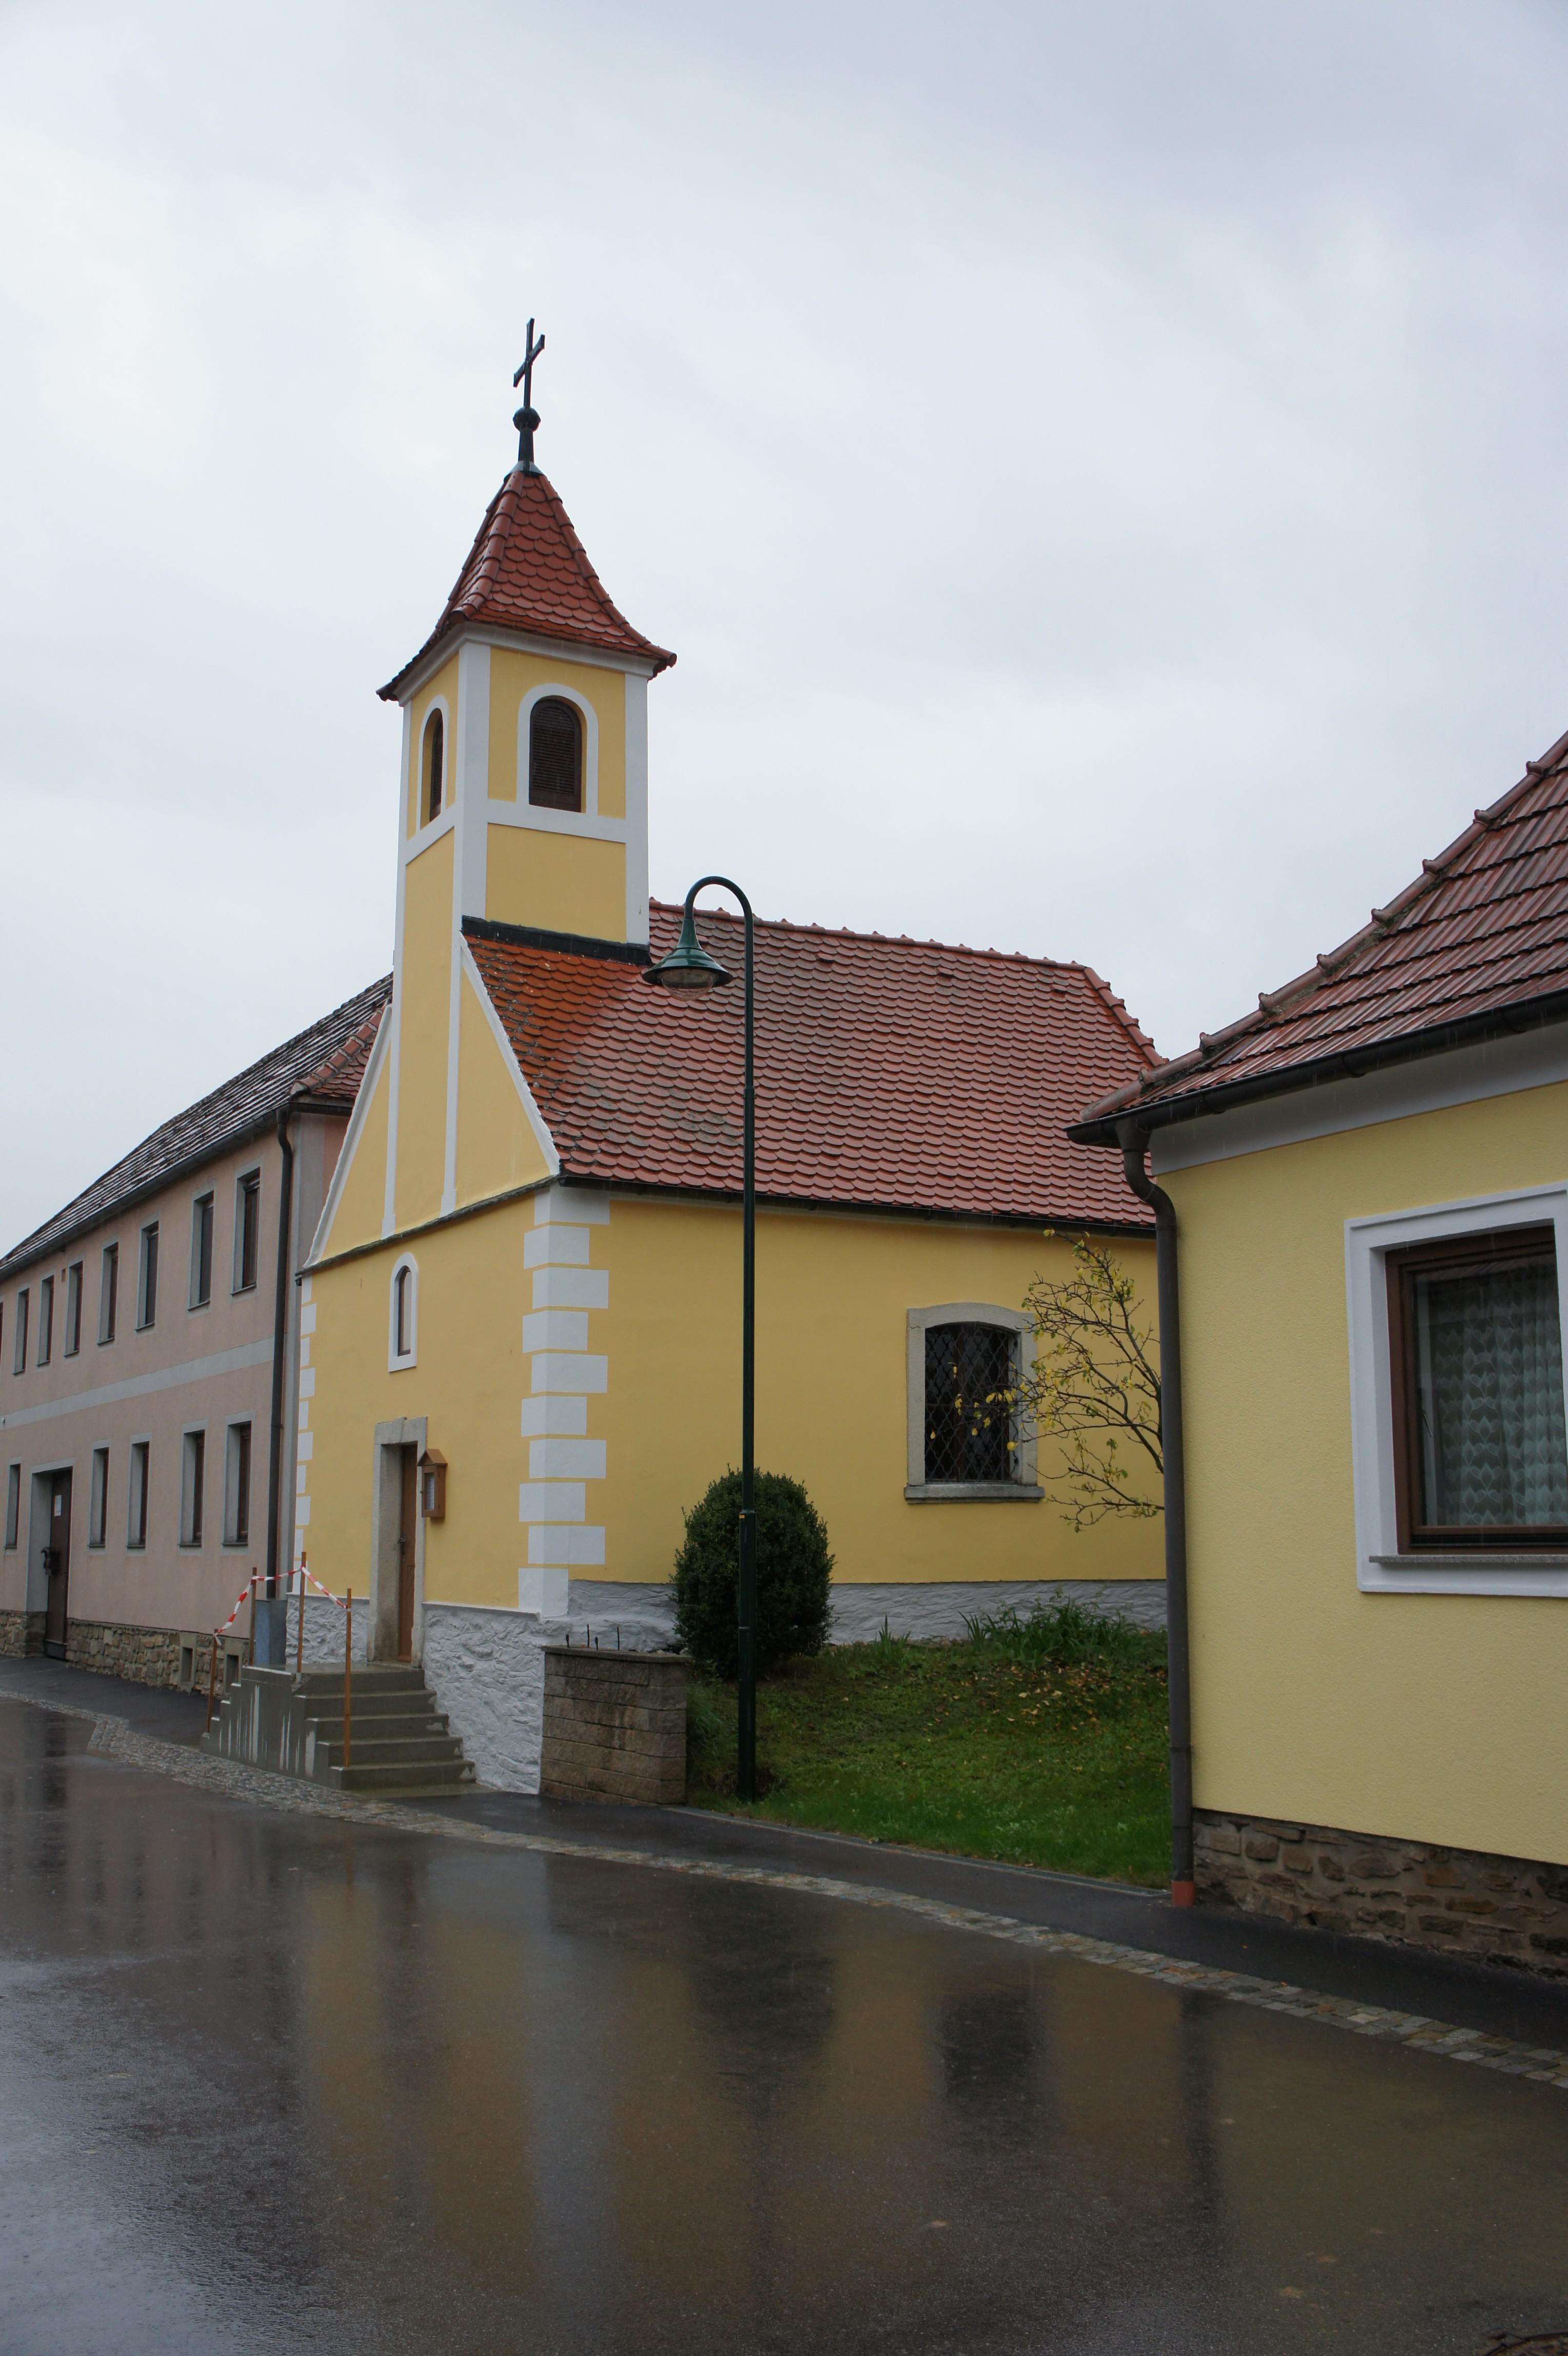 Buttendorf